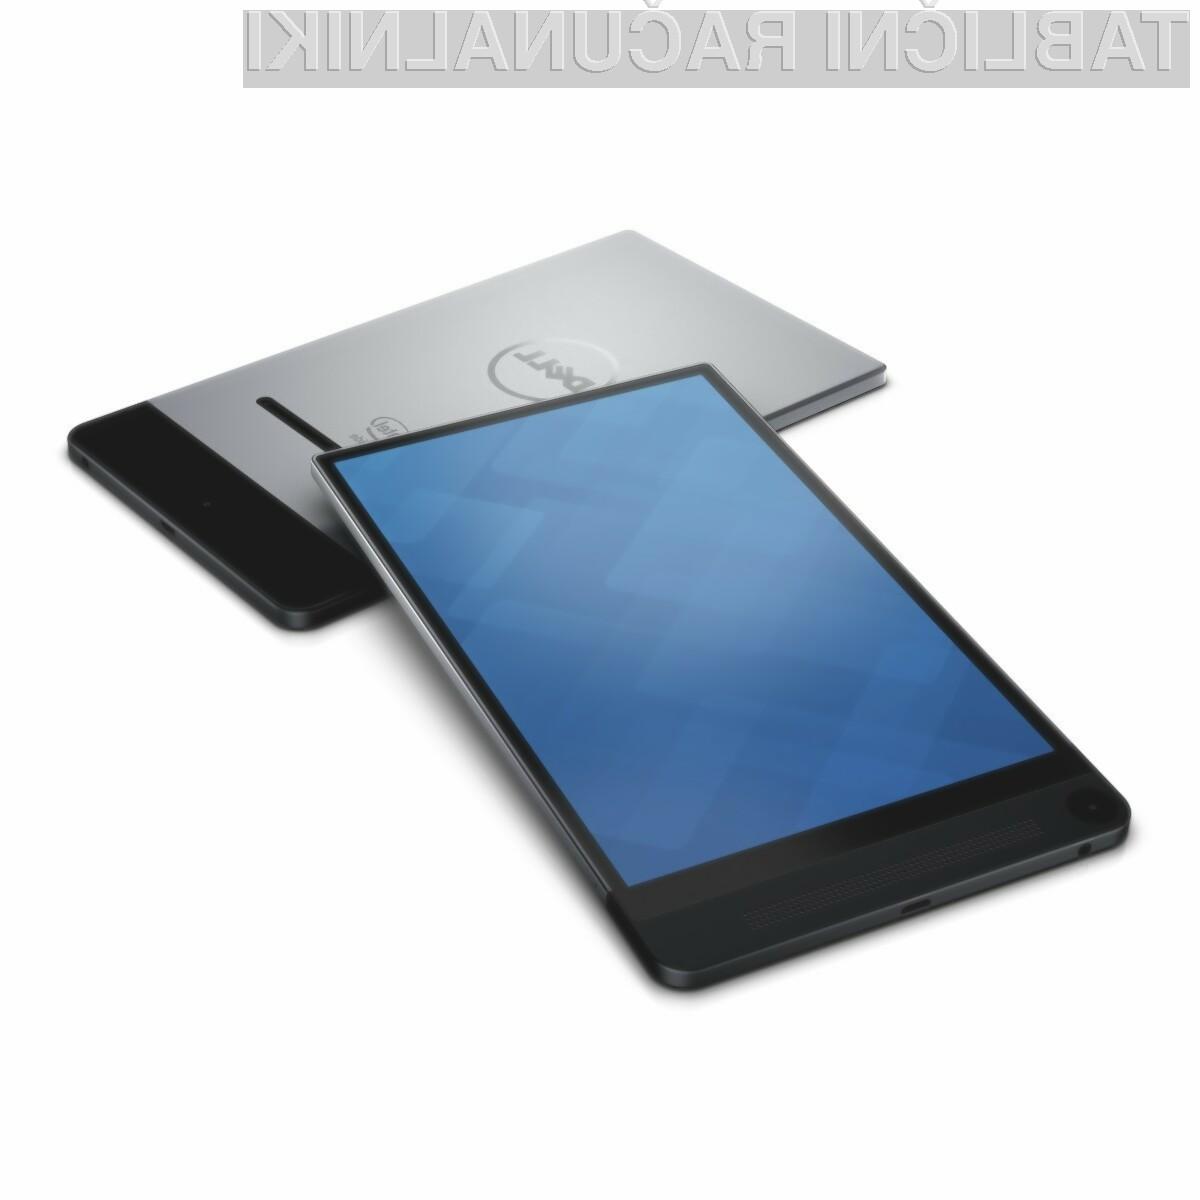 Dell Venue 8 7840 je na račun izjemno kompaktne oblike kot nalašč za prenašanje!